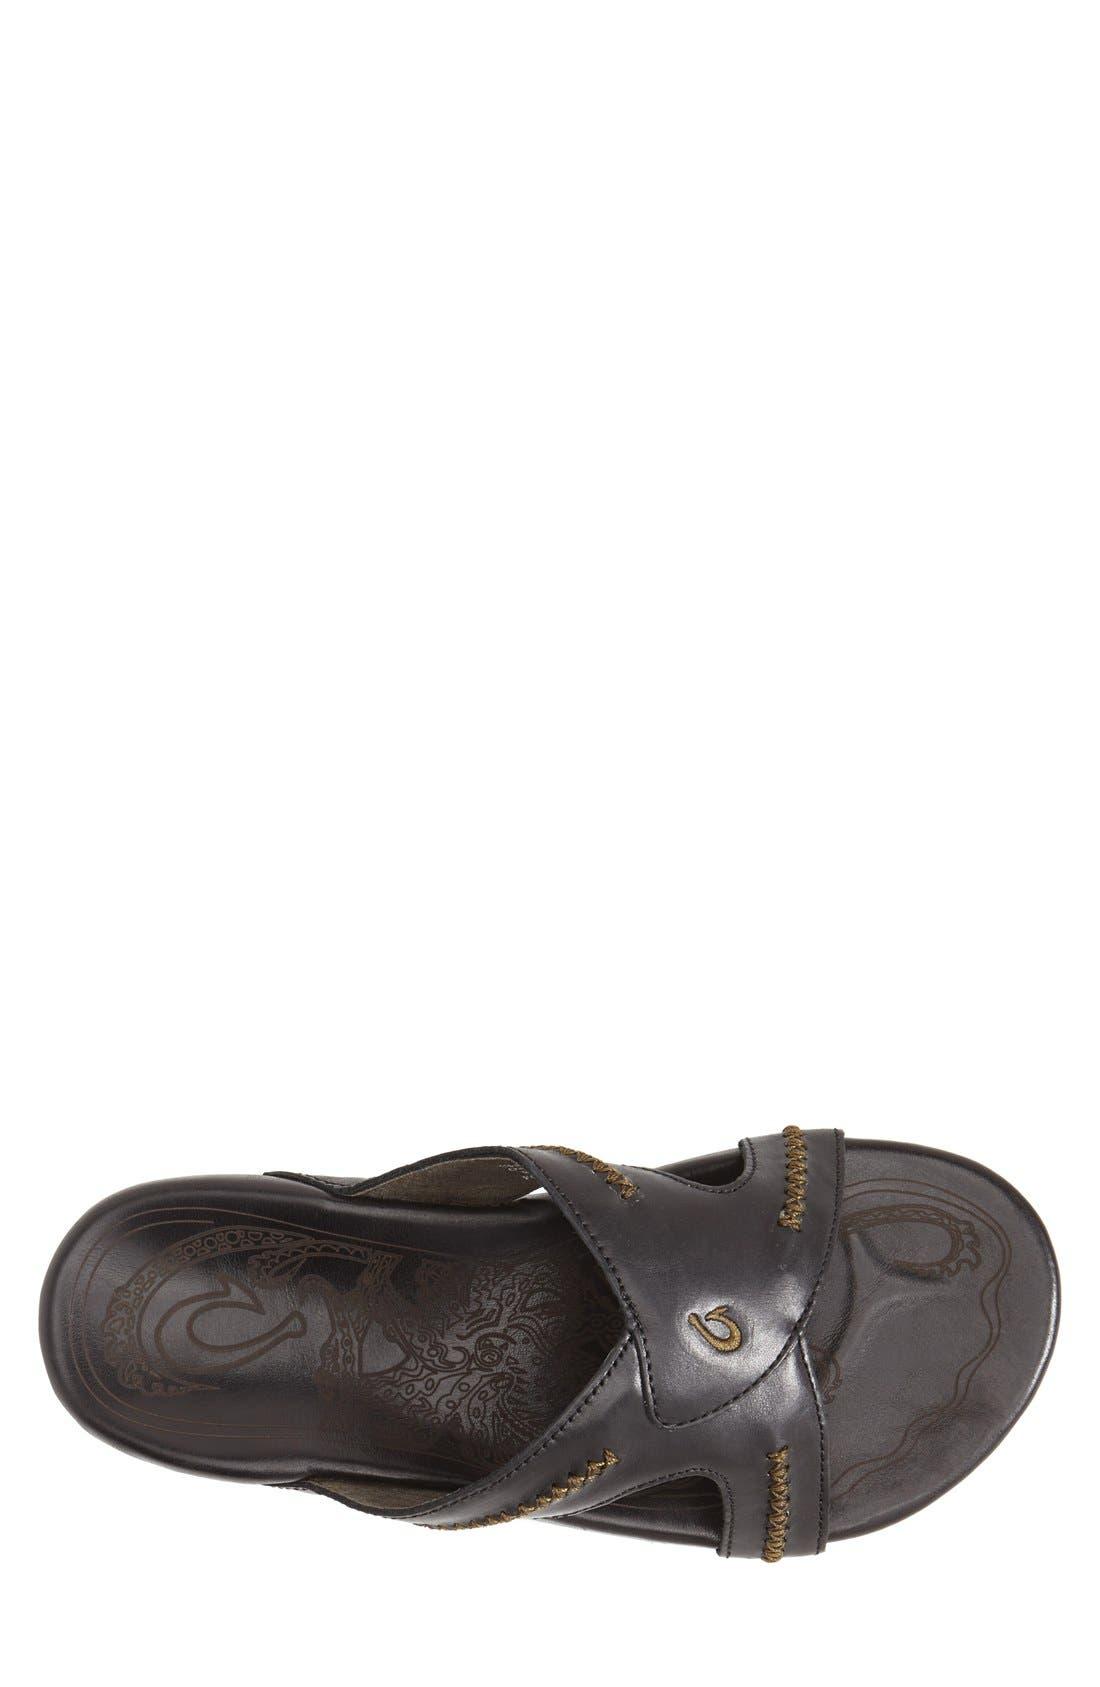 Alternate Image 3  - OluKai 'Mea Ola' Slide Sandal (Men)